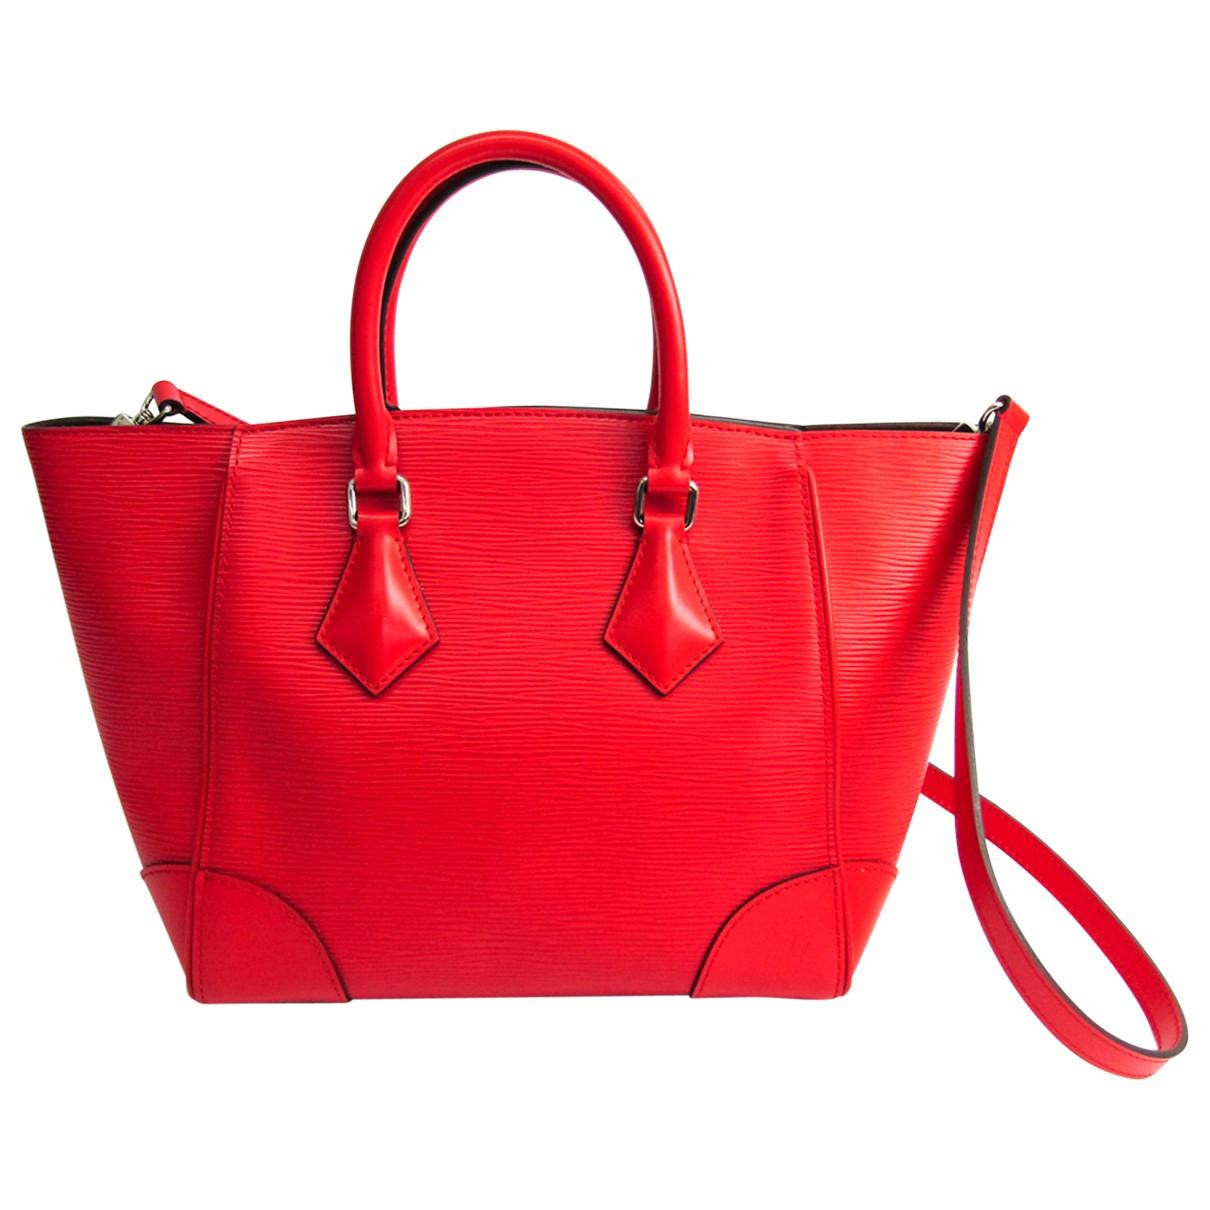 Louis Vuitton - Sac a main Phenix pour femme en cuir - rouge